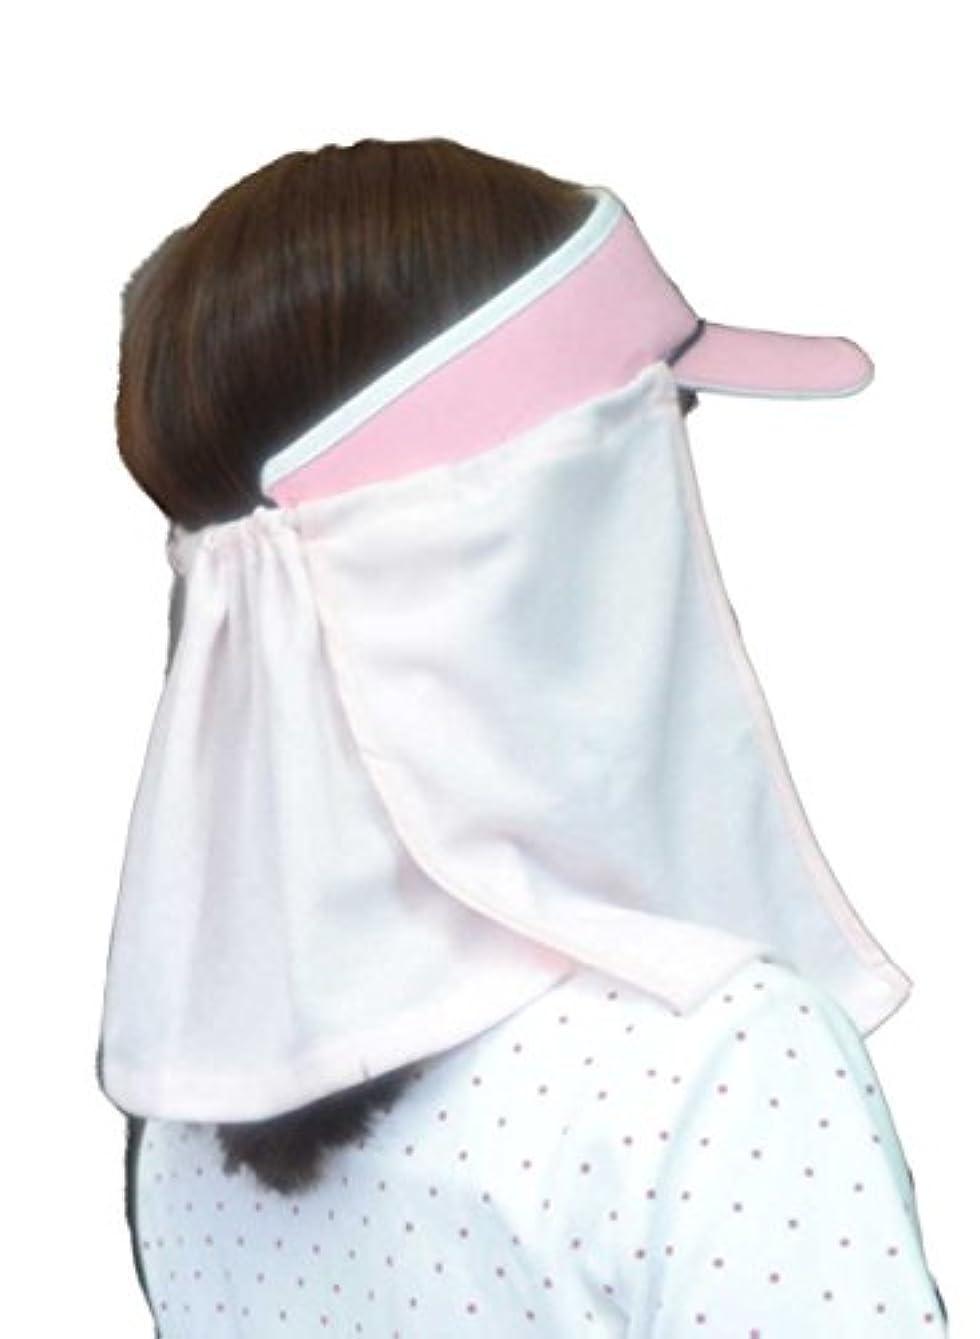 シリングダメージ冷蔵するUVカット帽子カバー?スズシーノ?(ピンク)紫外線対策や熱射病、熱中症対策に最適【特許取得済】